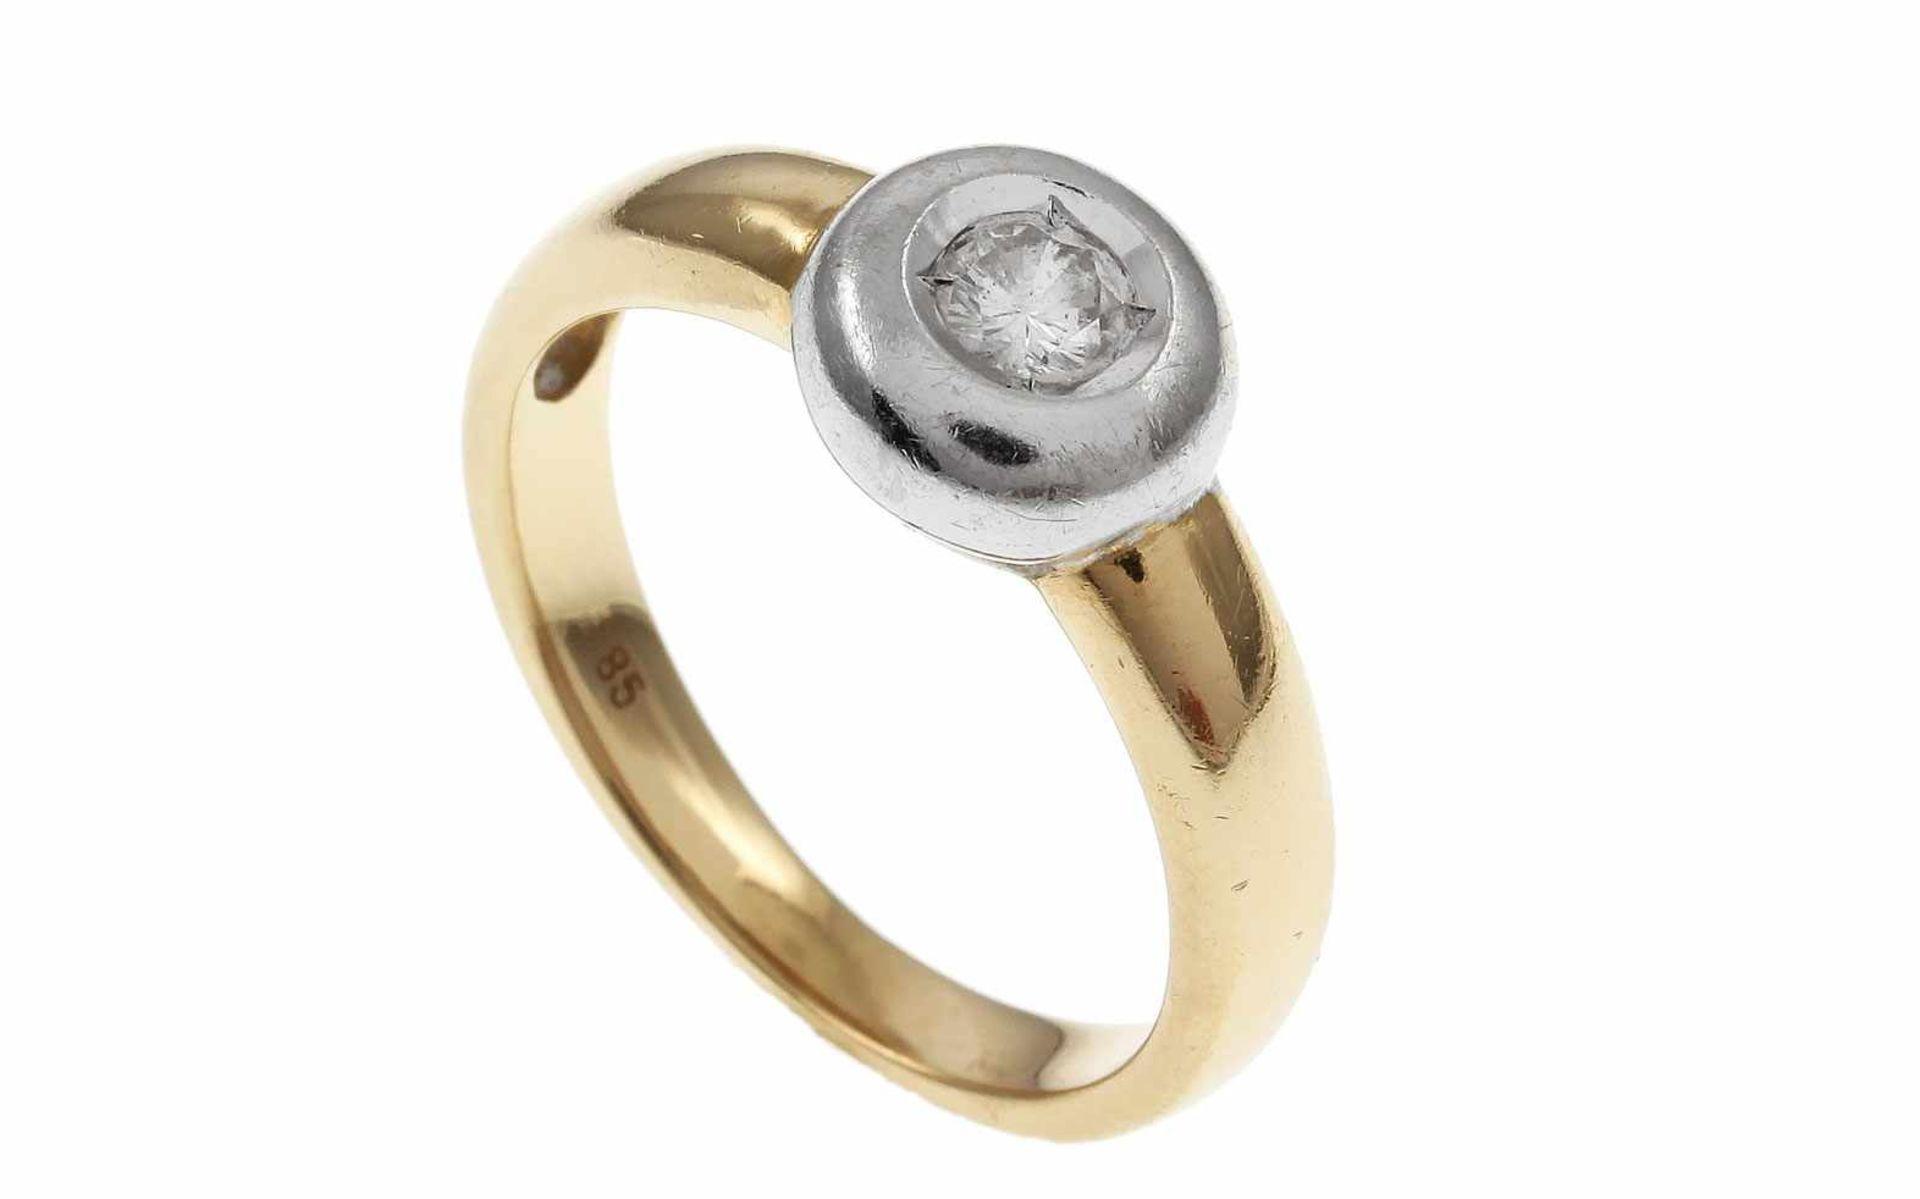 Los 23 - RingRing 585/- Gelbgold und Weißgold mit Diamant, Ringgröße ca. 54, ca. 0,18 ct, G/pi1, 4,13g